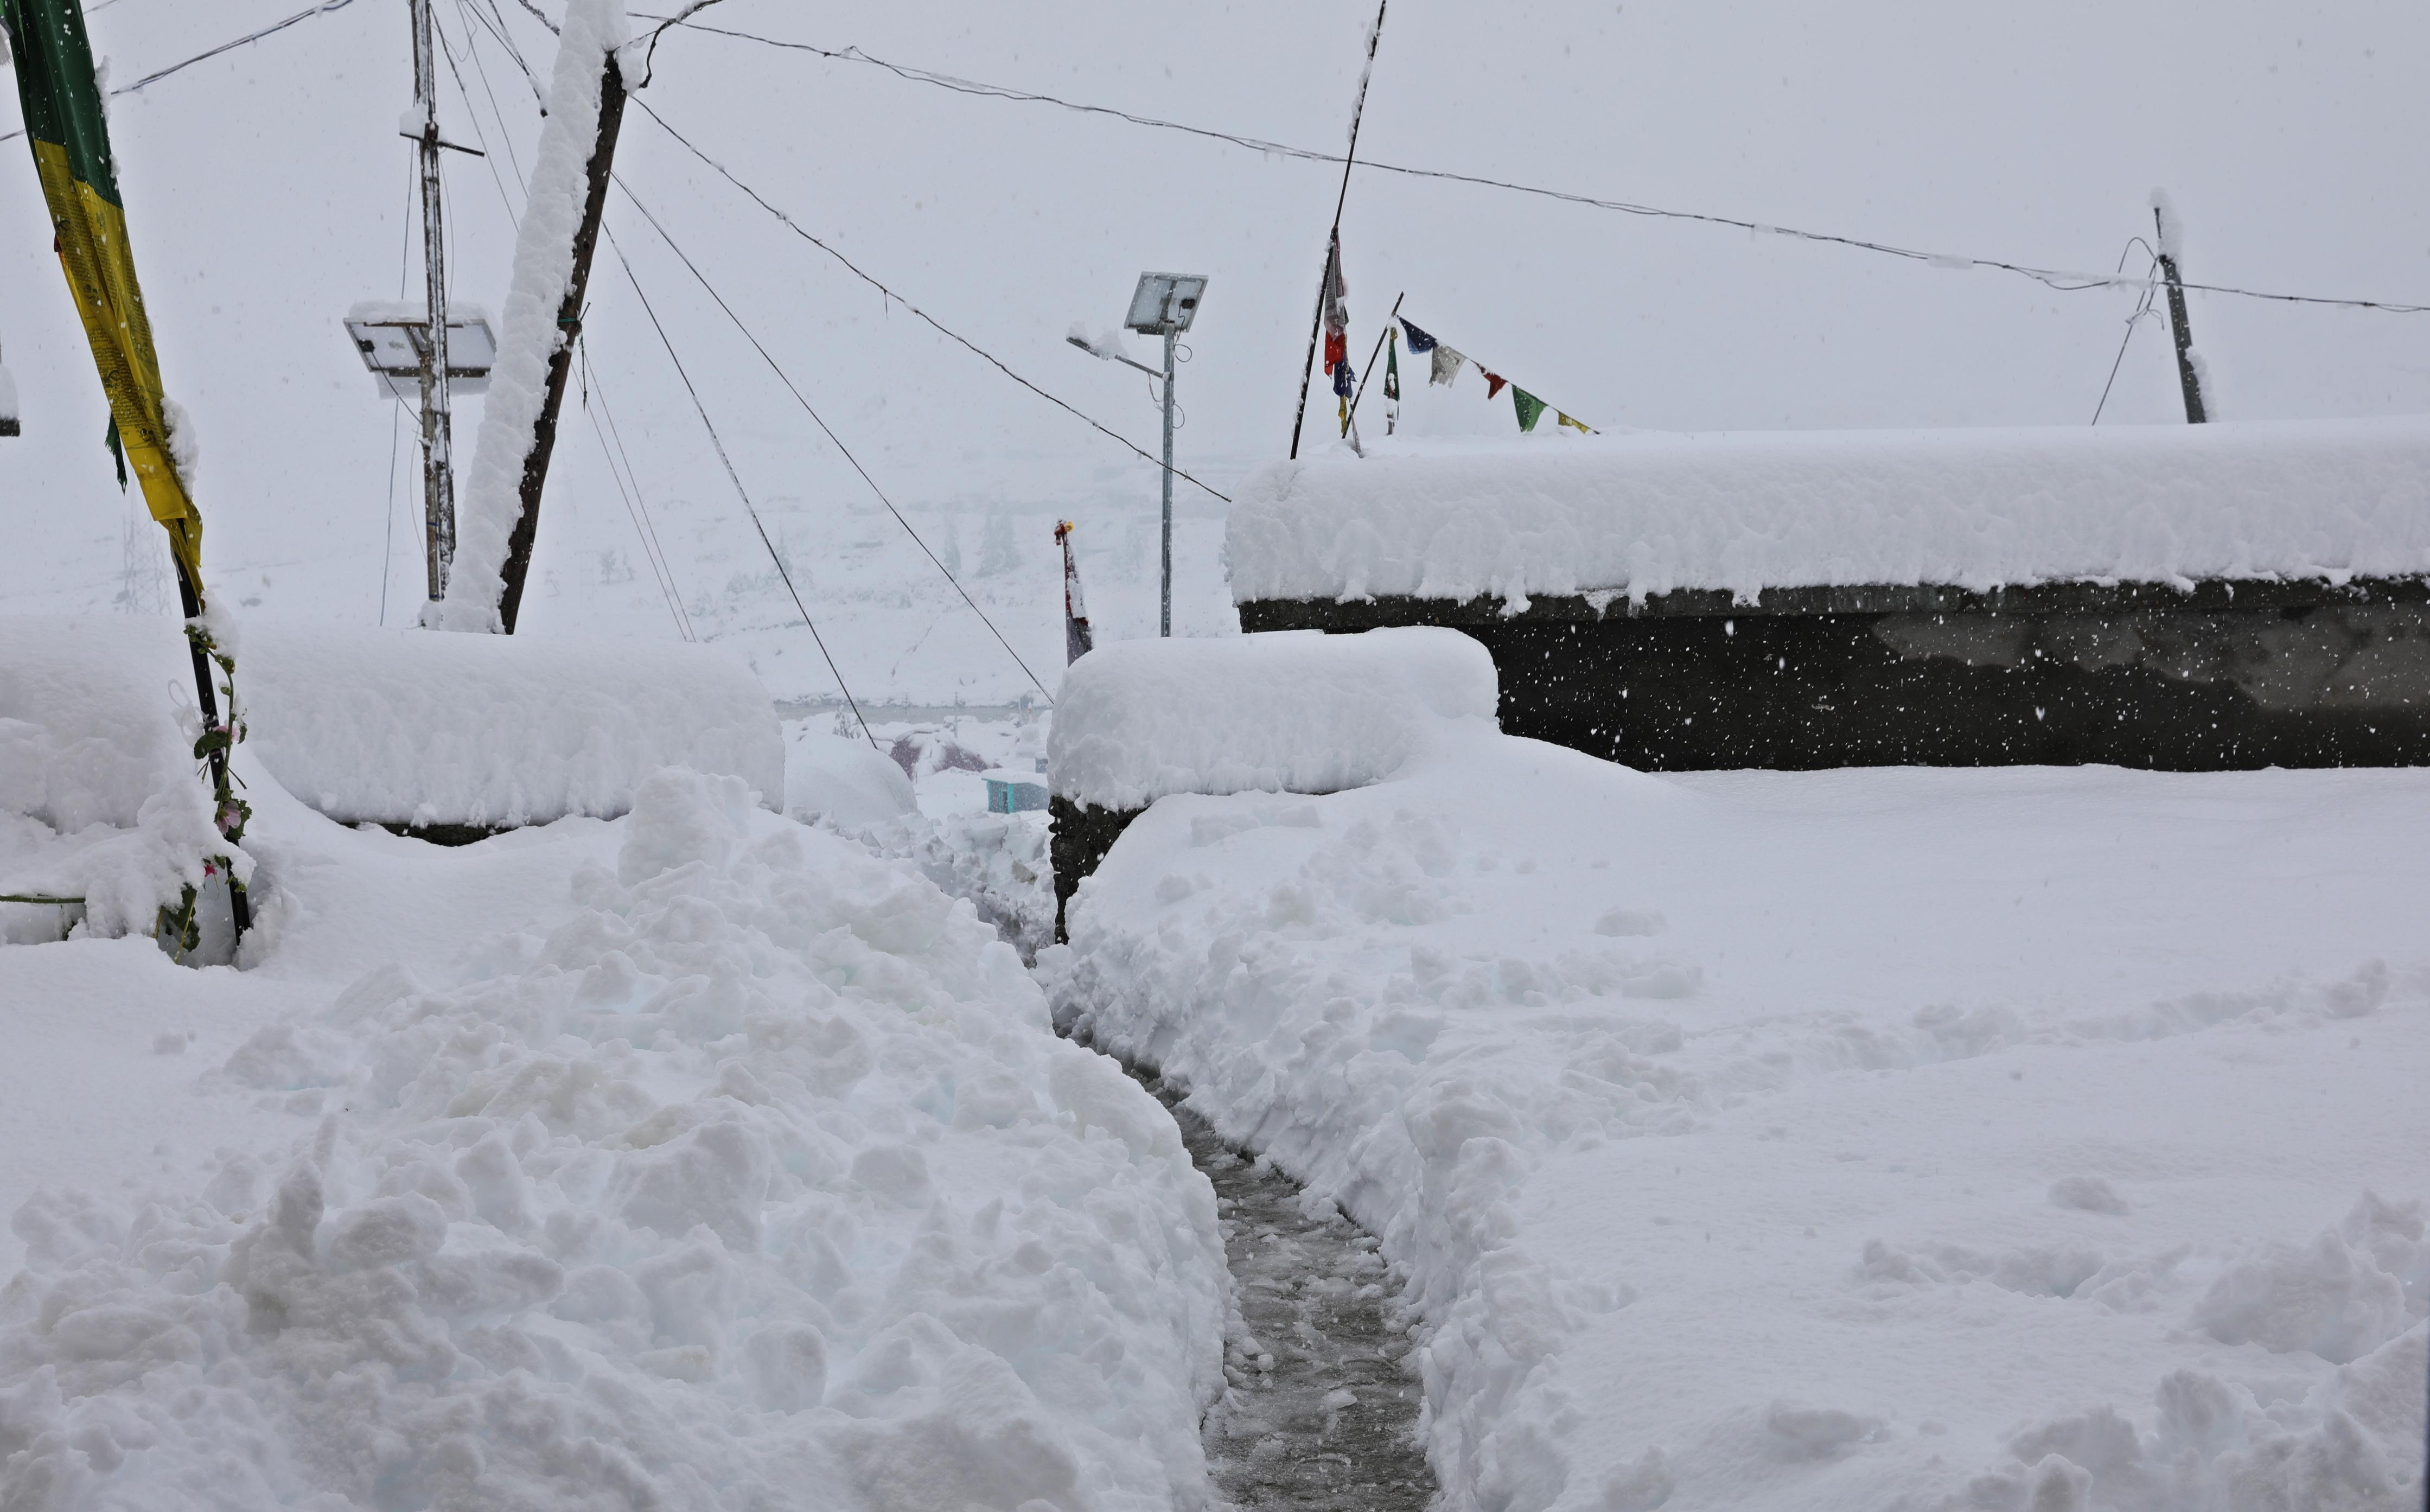 Day 3 of the blizzard in Khoksar